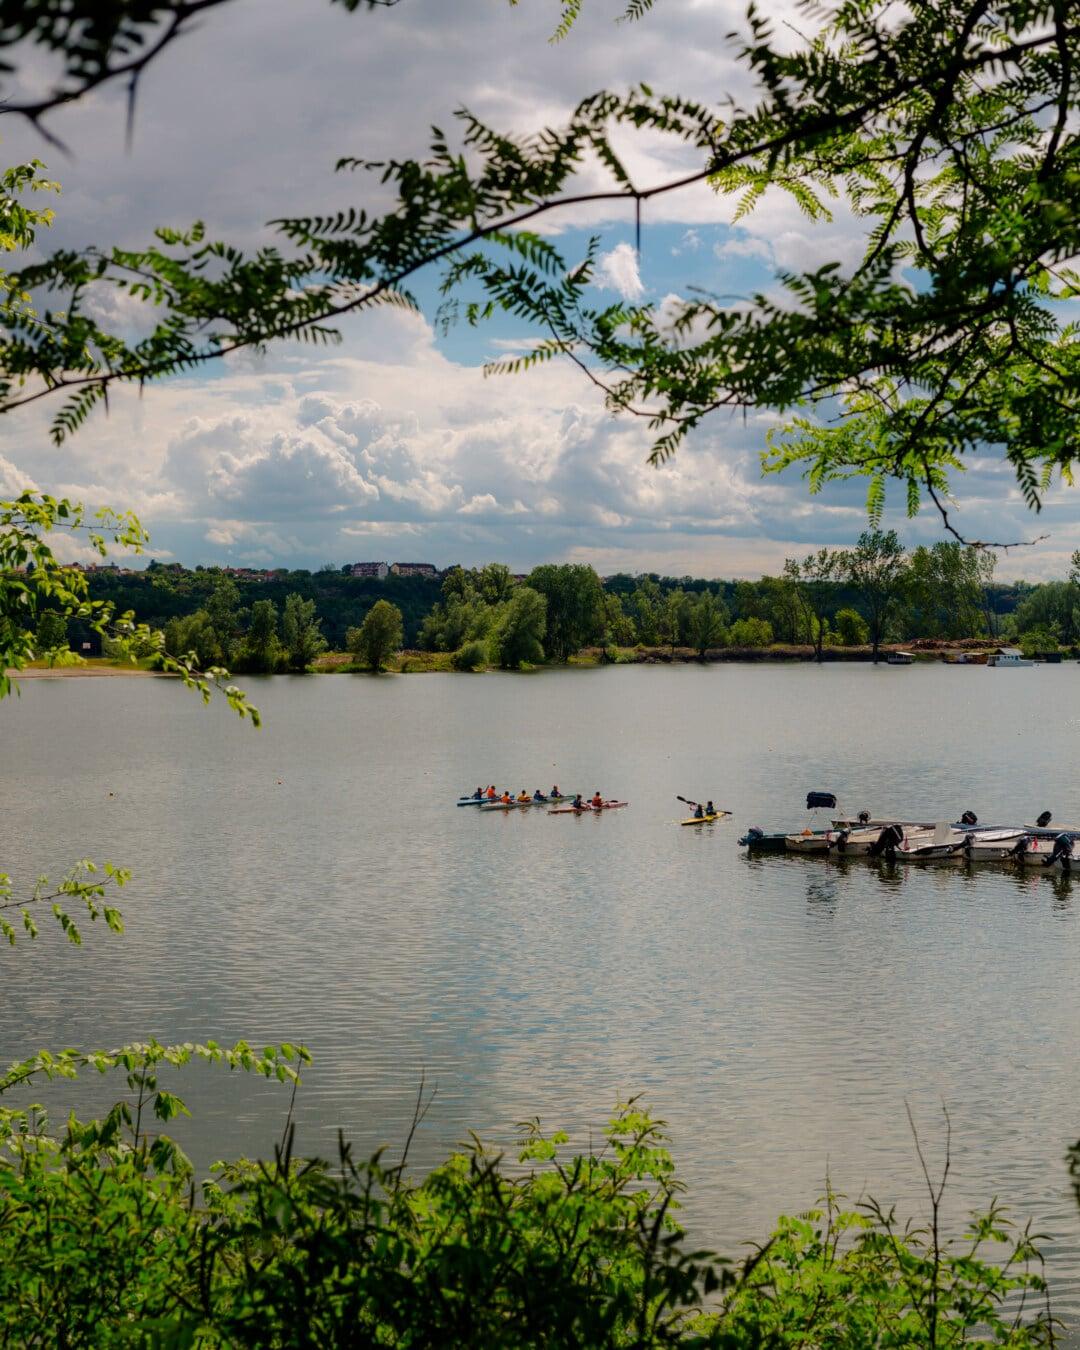 kayak, kayaking, sport, lakeside, recreation, river, water, lake, land, landscape